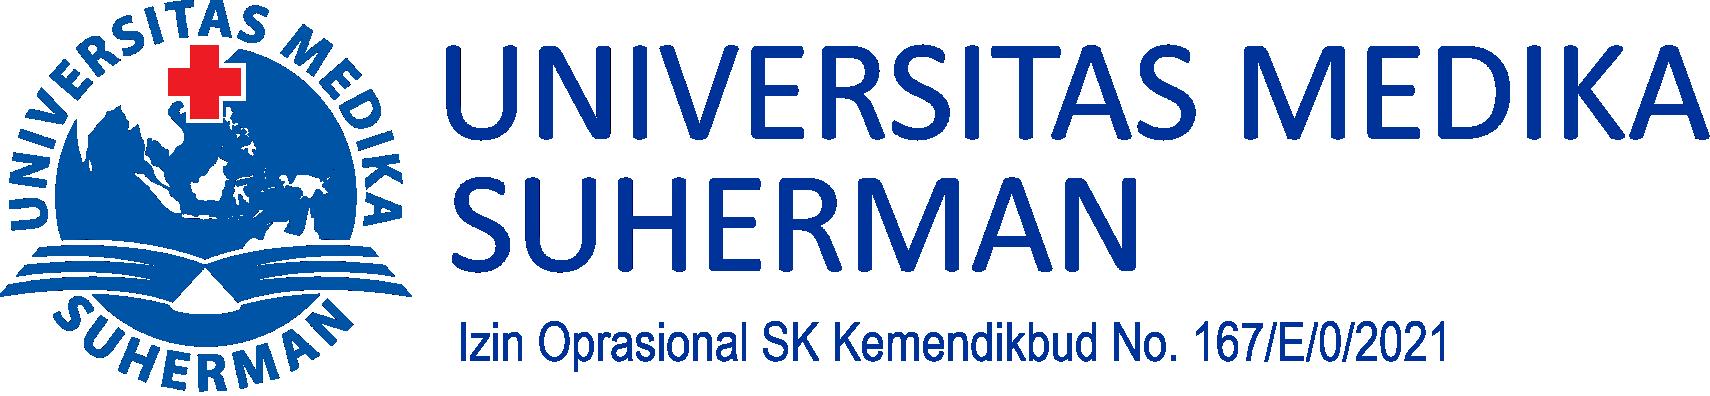 Universitas Medika Suherman